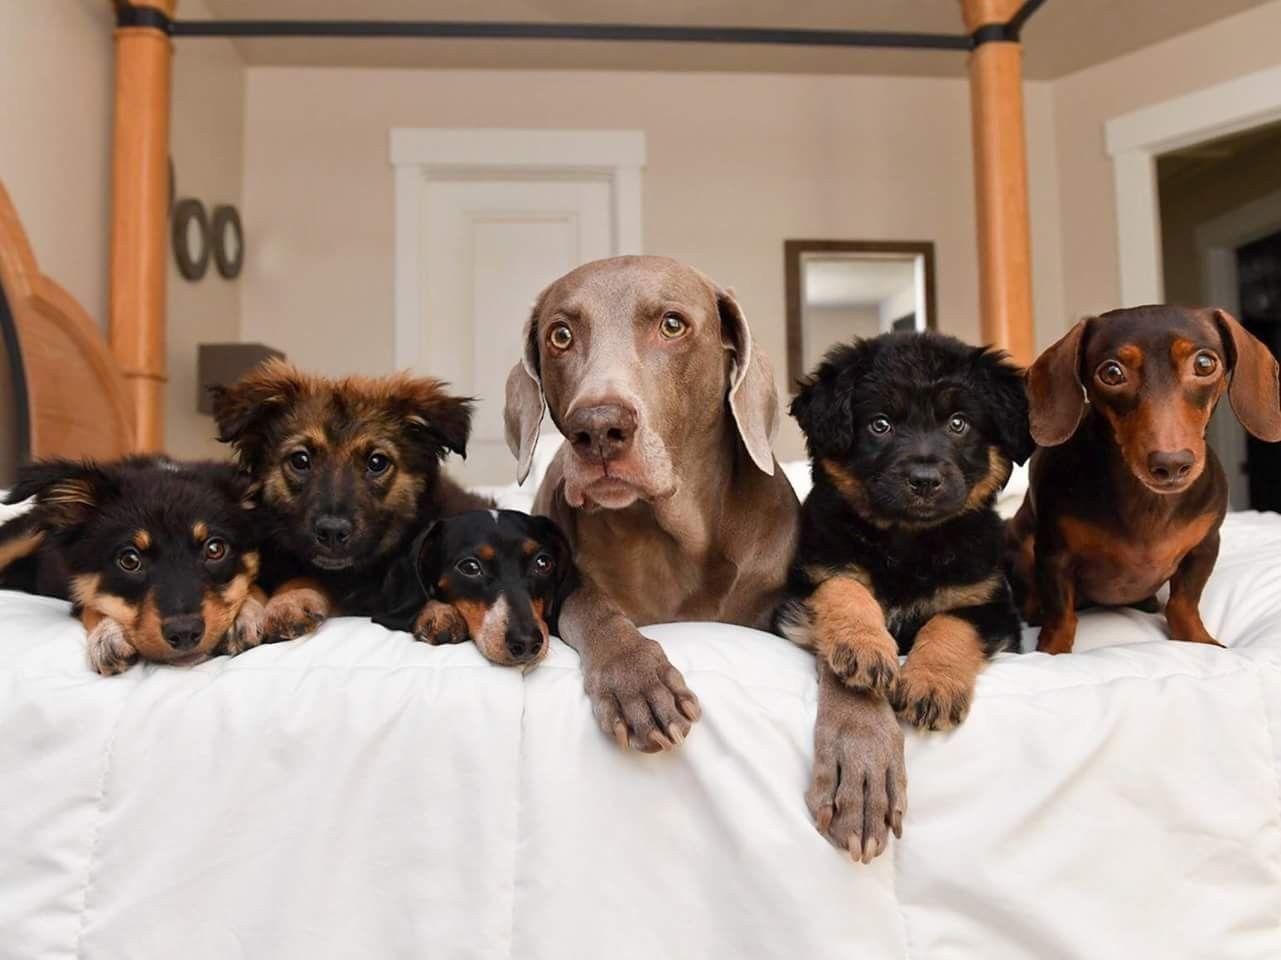 Pin by Michelle Johnson on Puppy Love Weiner dog, Brown